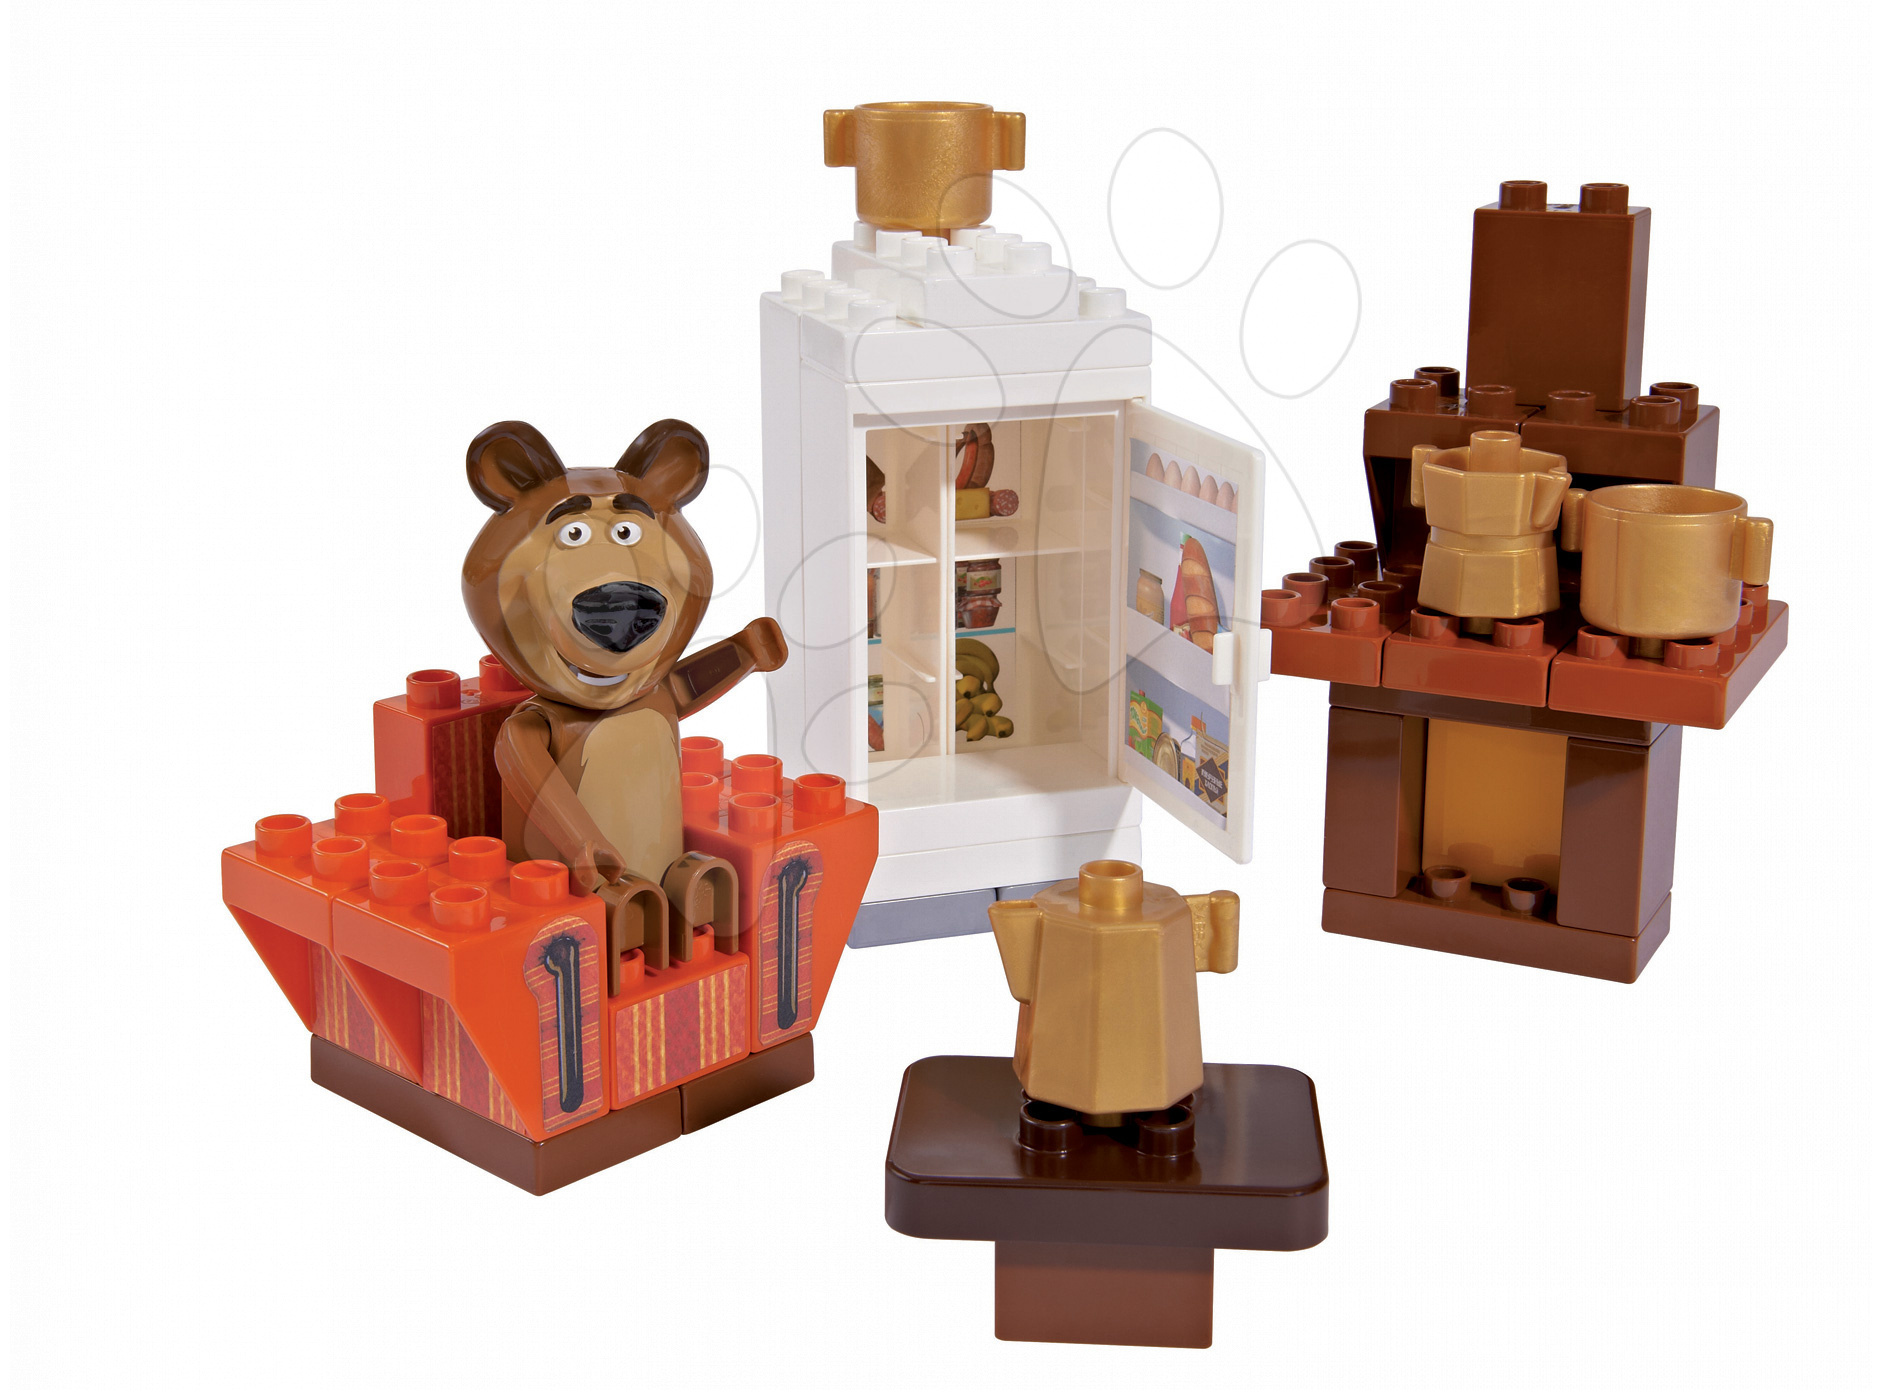 Stavebnice Máša a medvěd v pokoji PlayBIG Bloxx BIG s 1 figurkou 35 dílů od 1,5-5 let